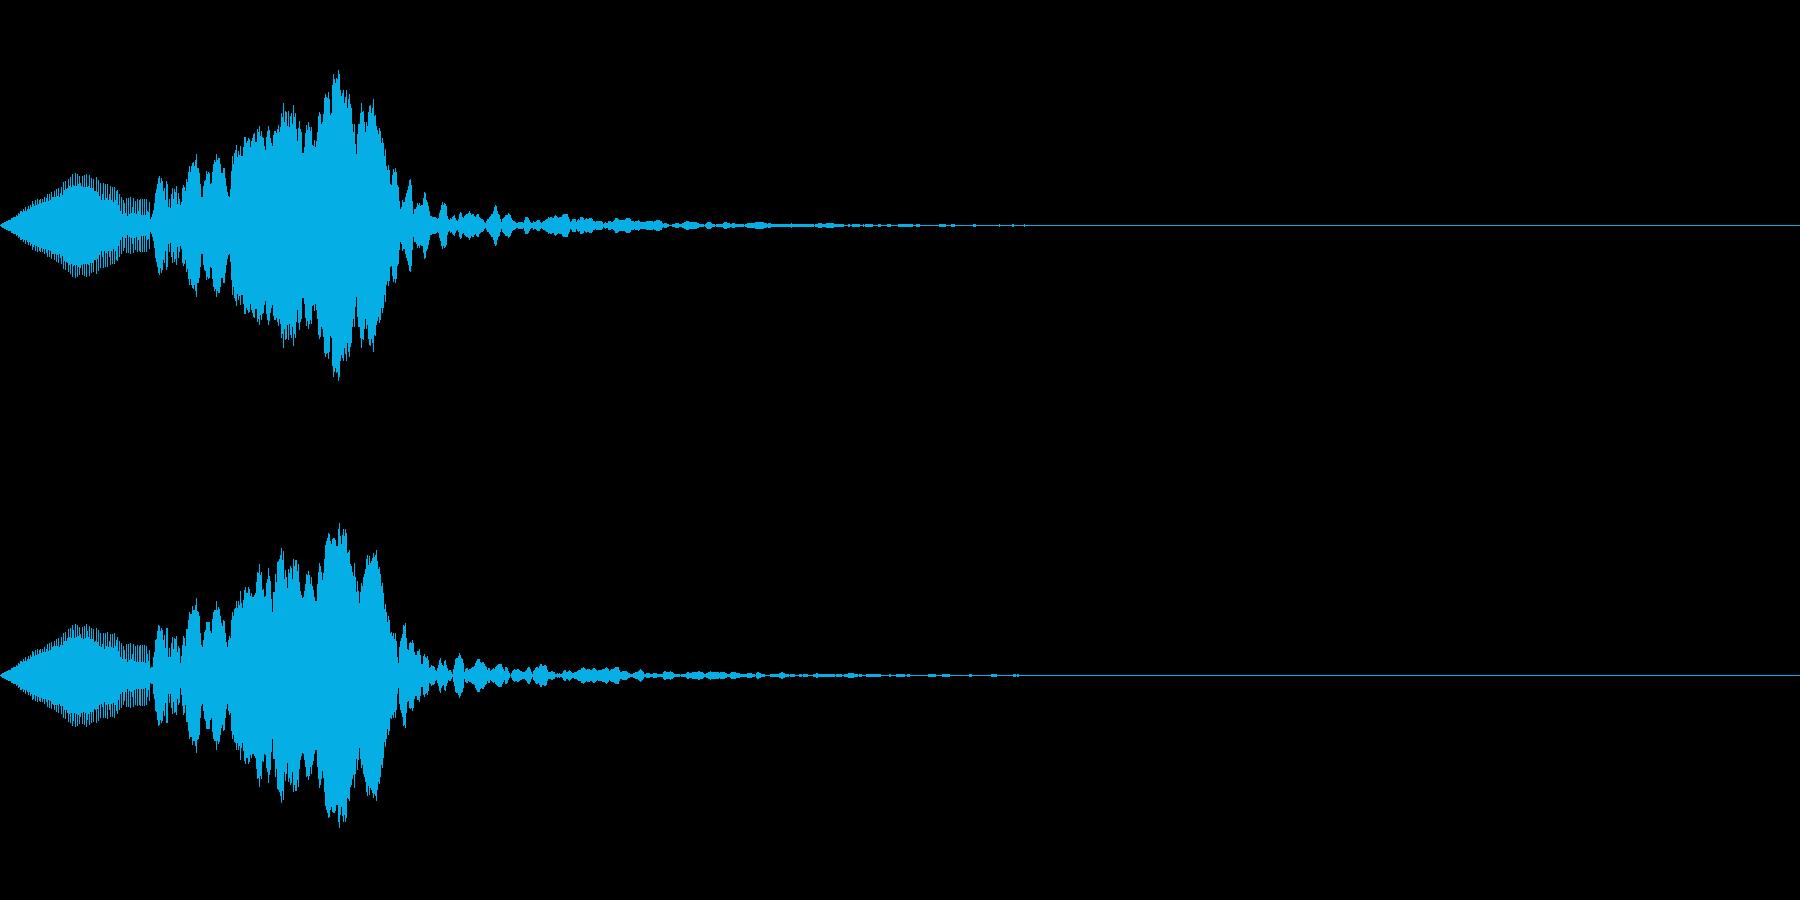 クリック、ボタン、アタック音(ぷわん)の再生済みの波形